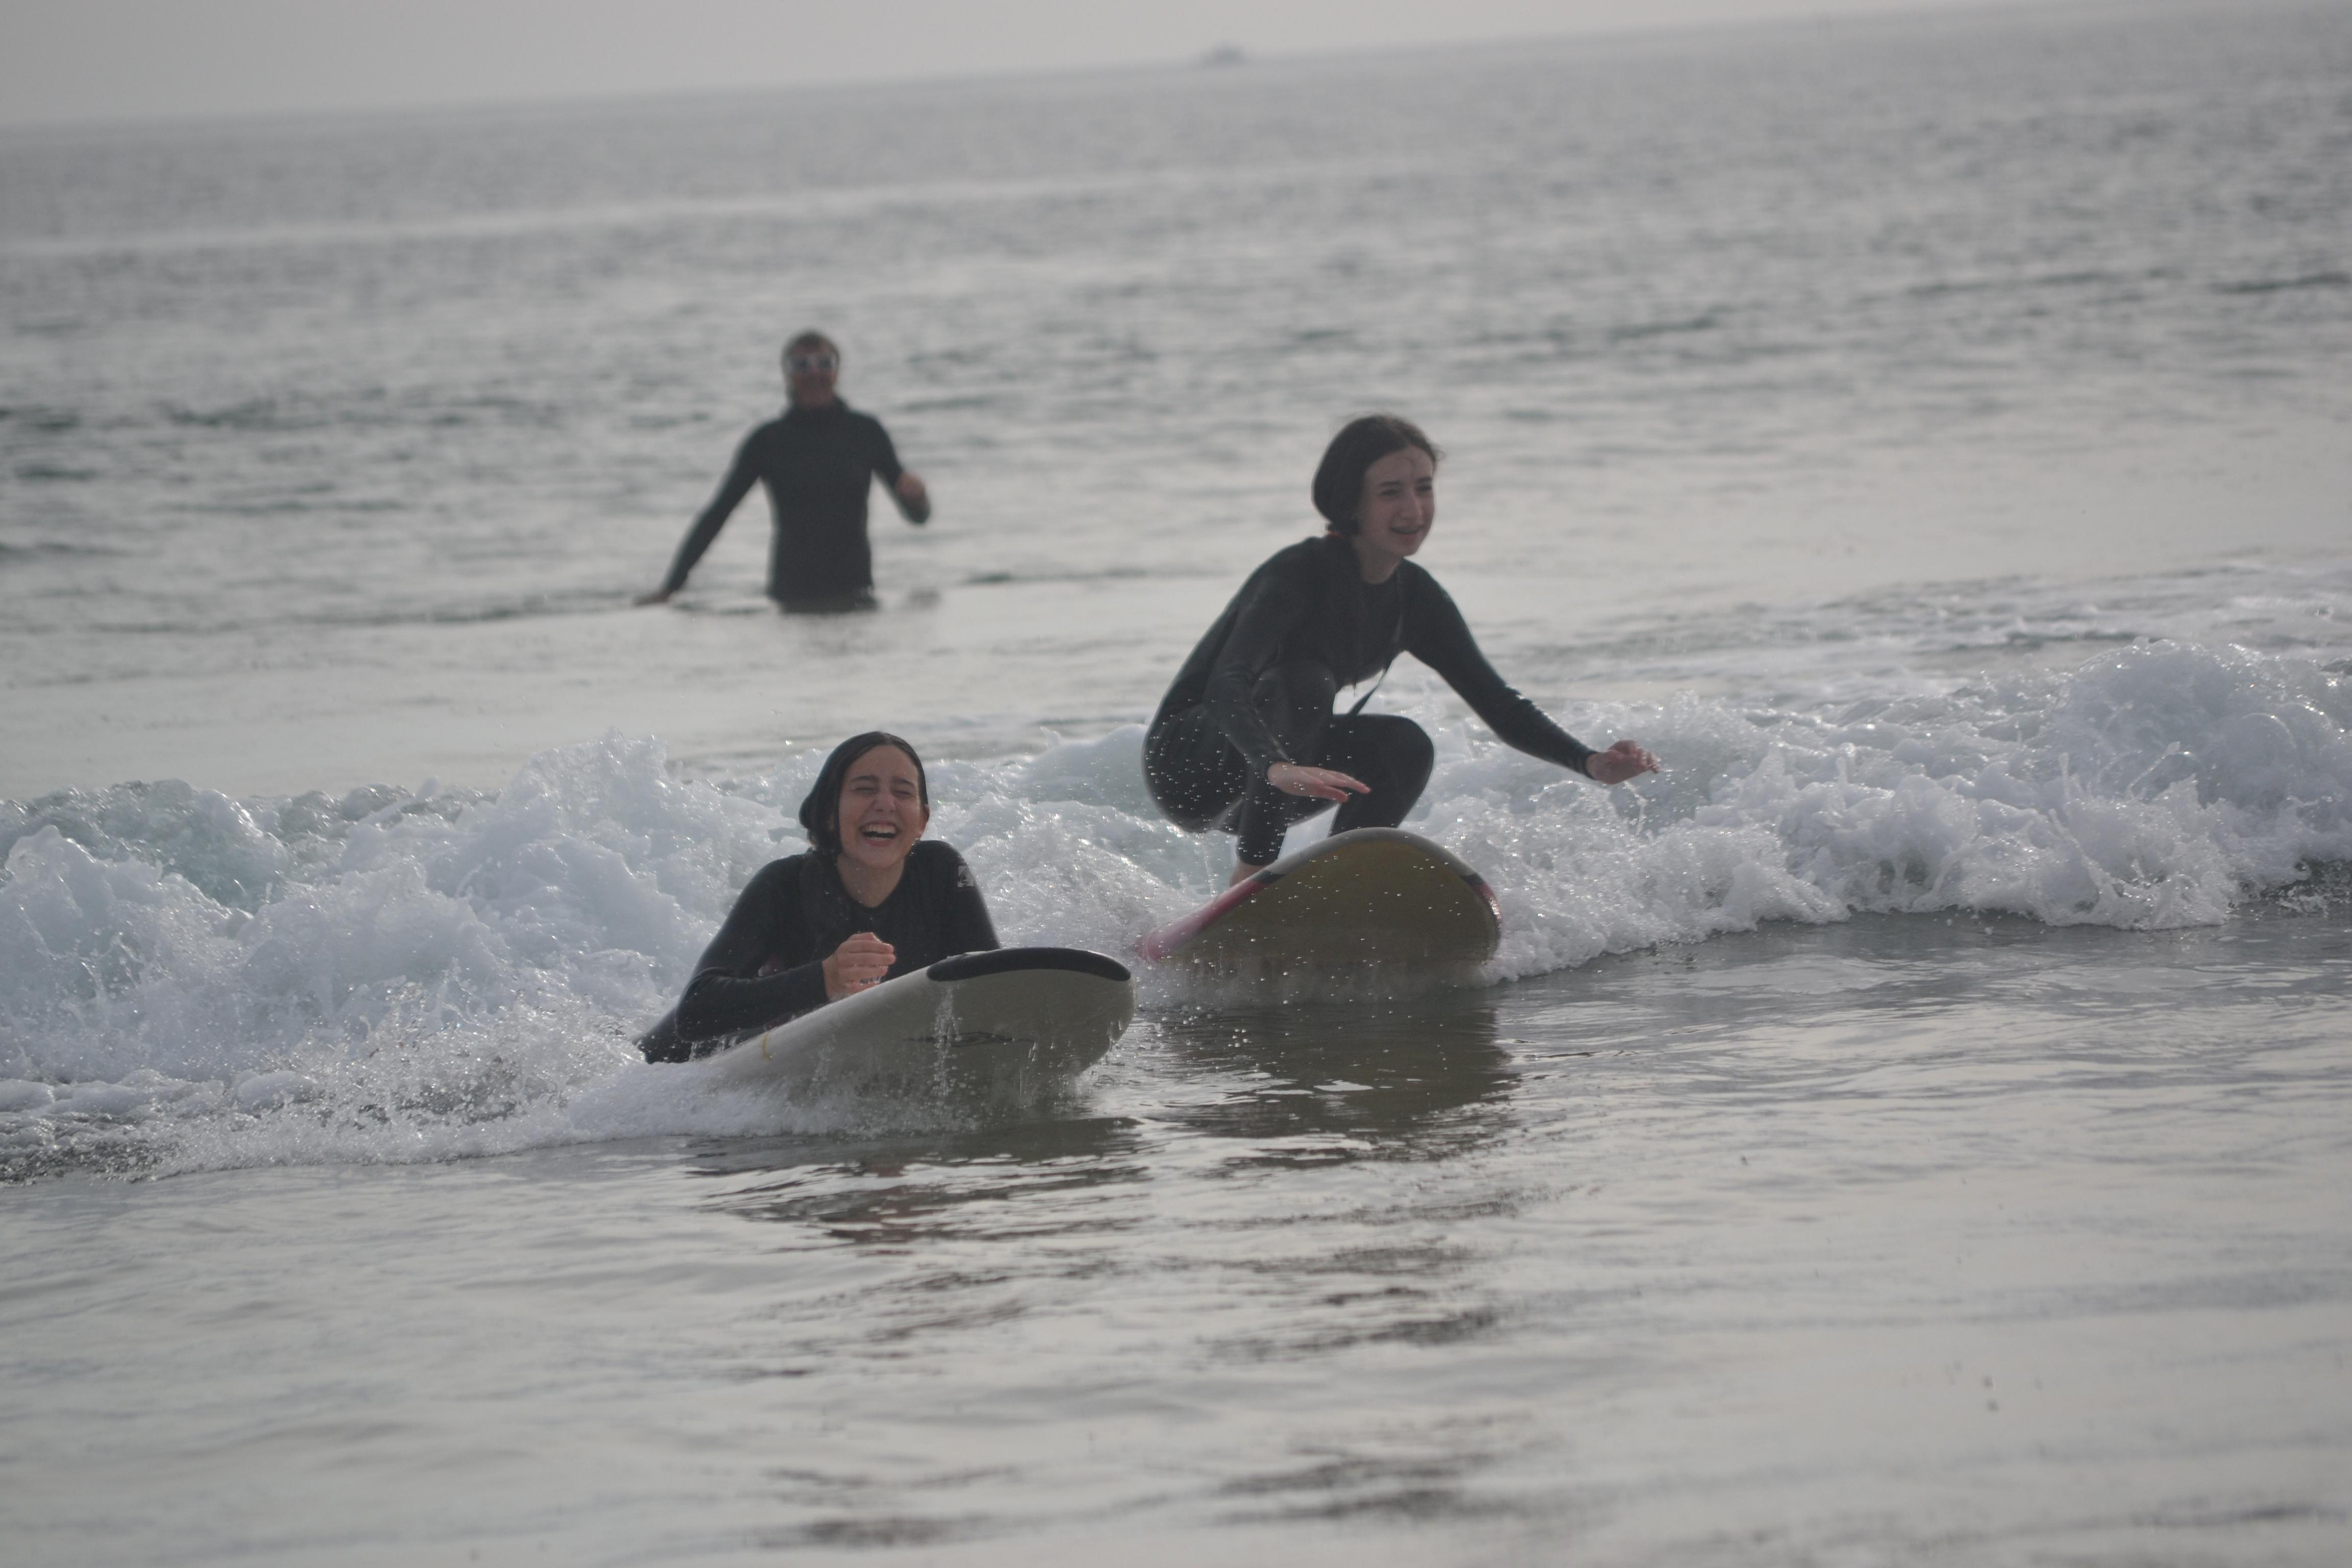 Cape Cod Surfing Bonanza